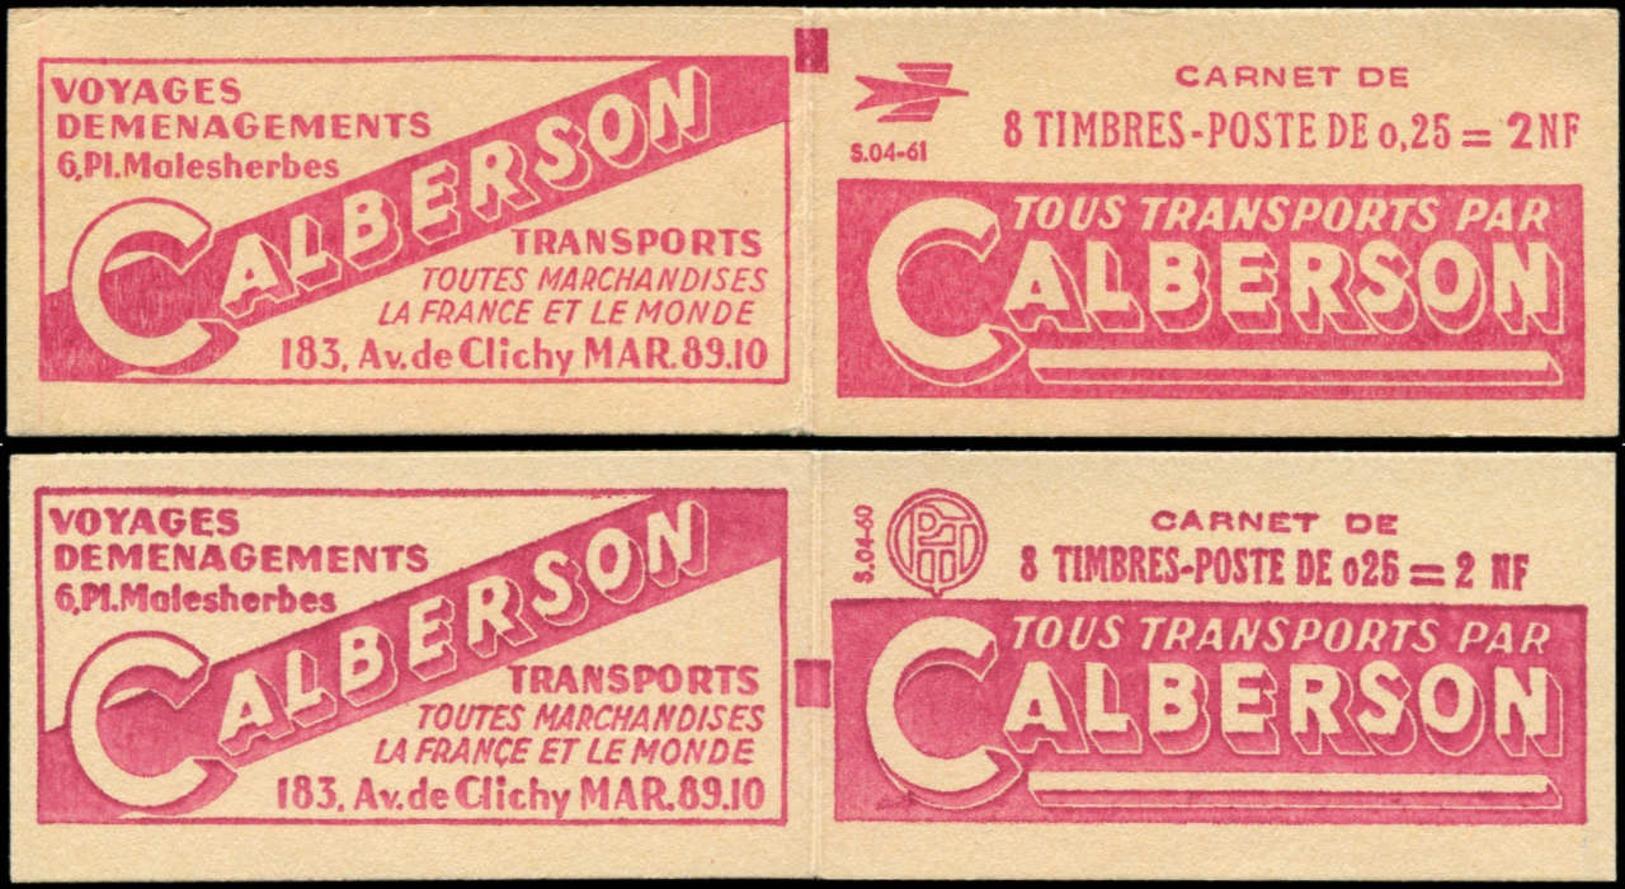 FRANCE Carnets ** - 1263-C1, 2 Carnet Complet De 8, Les 2 Sigles: 0.25 Decaris - Cote: 100 - Carnets